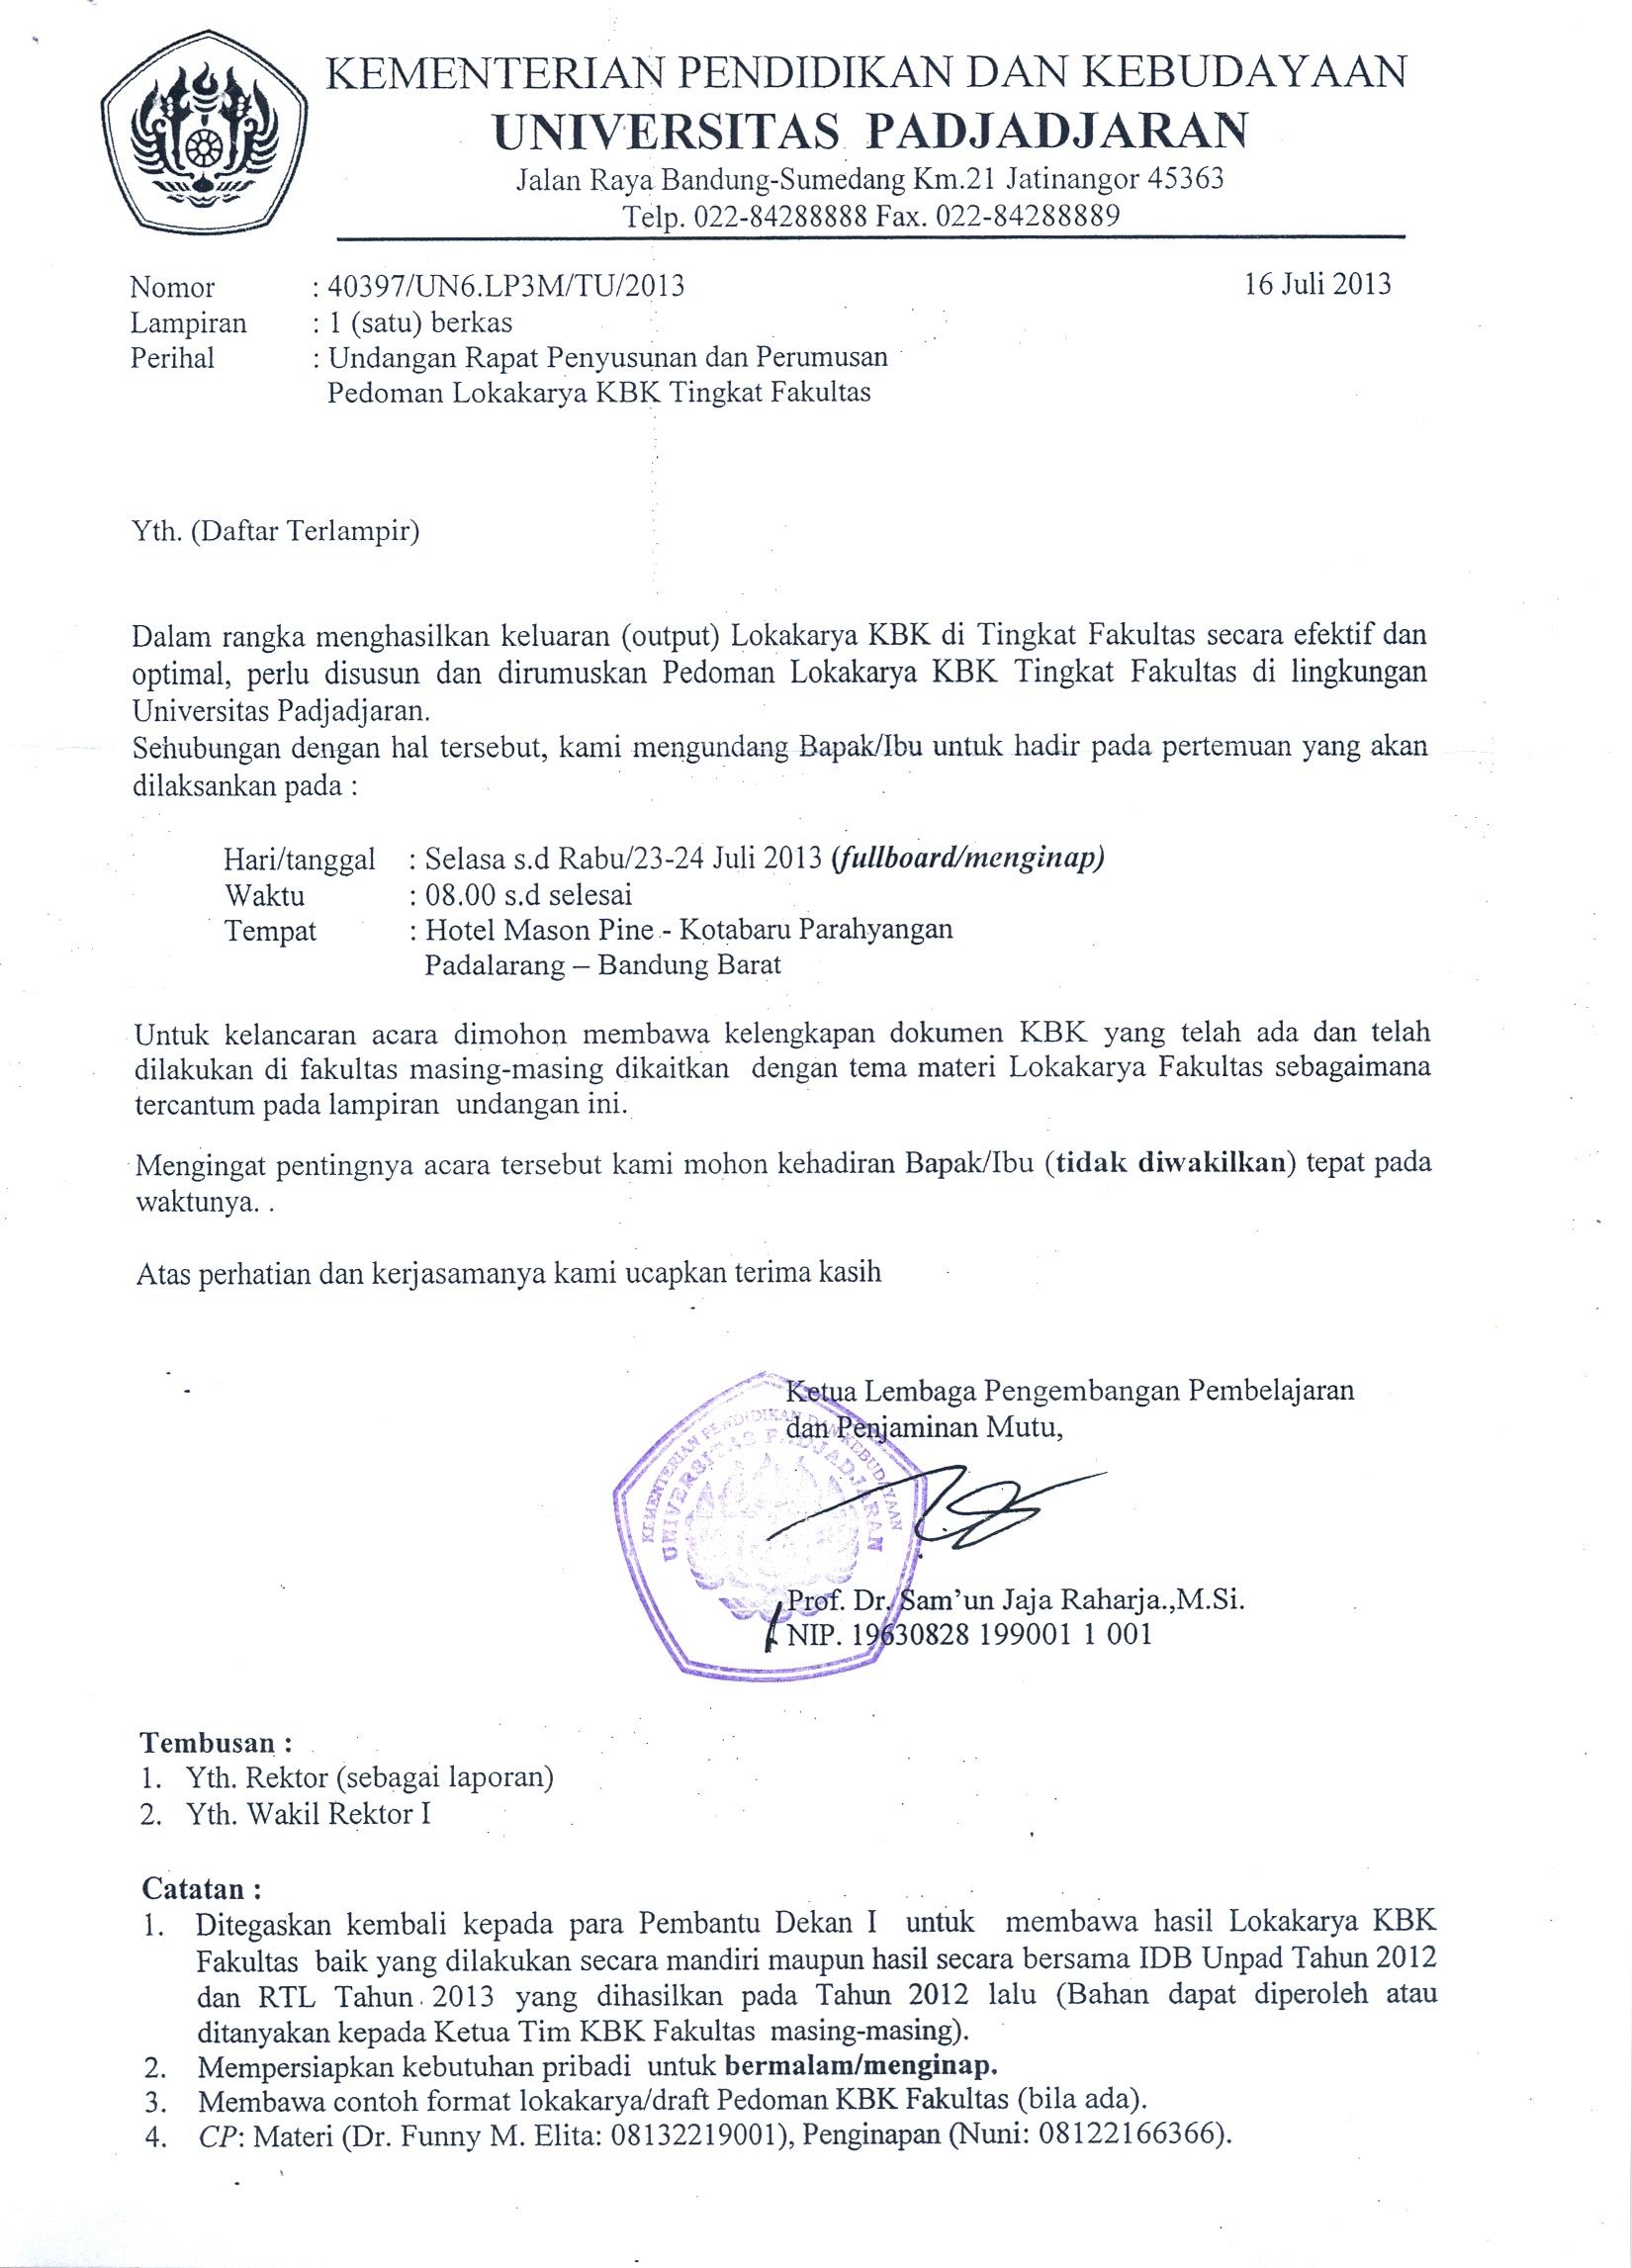 Undangan Rapat Penyusunan dan Perumusan Pedoman Lokakarya ...